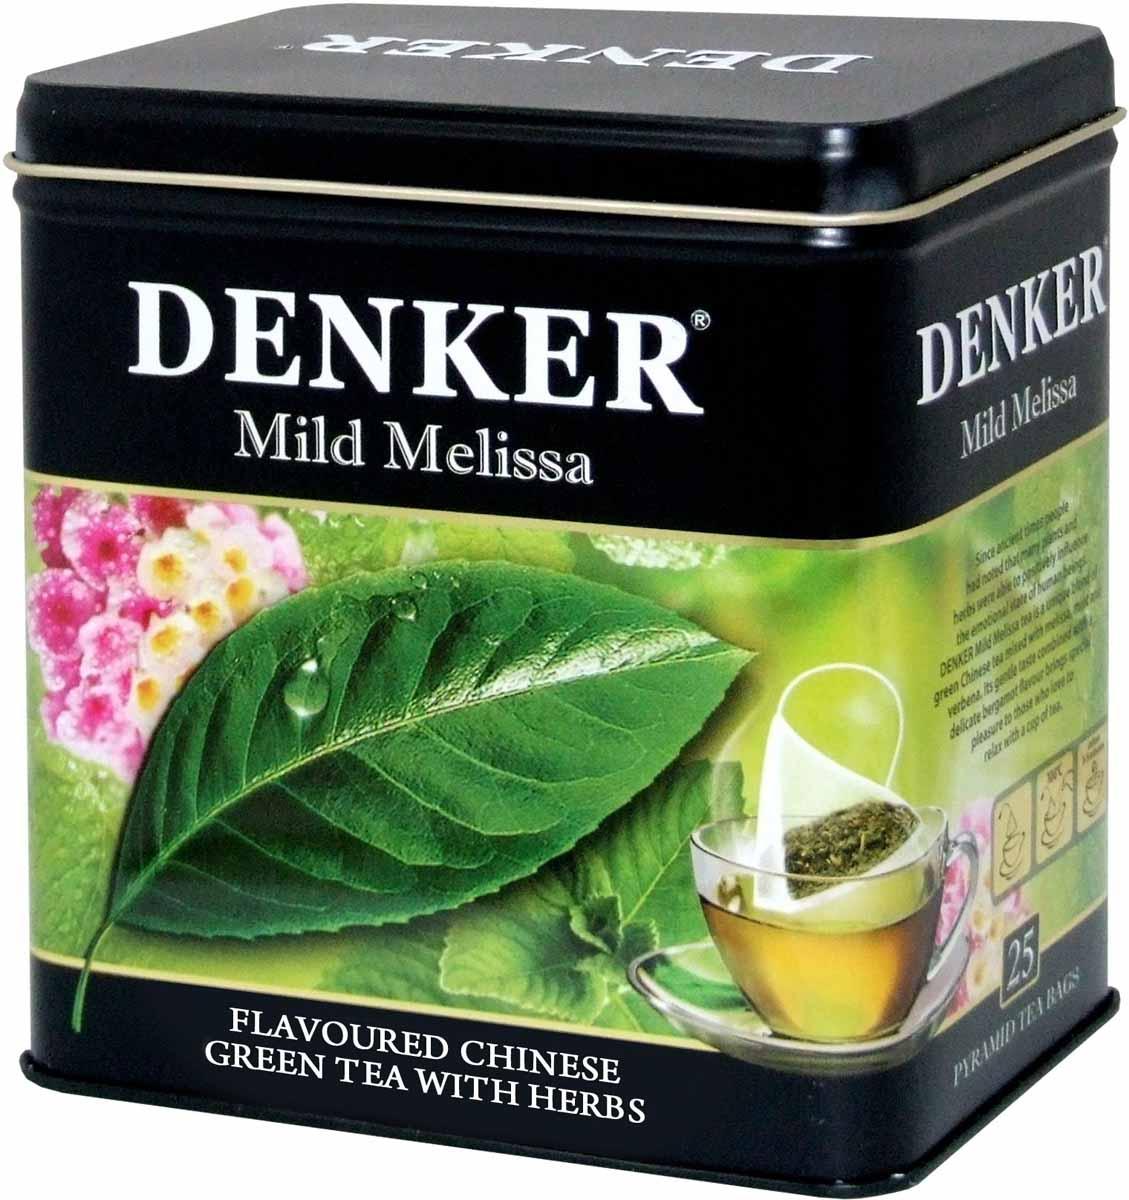 Denker Mild Melissa зеленый чай в пирамидках, 25 шт1080072Еще в глубокой древности было замечено, что многие растения и травы способны положительно влиять на эмоциональное состояние людей. Чай Denker Mild Melissa - это уникальный купаж зеленого китайского чая с добавлением мелиссы, мяты и вербены. Его мягкий вкус в сочетании с легким ароматом бергамота доставит особое удовольствие всем любителям отдохнуть за чашкой чая.